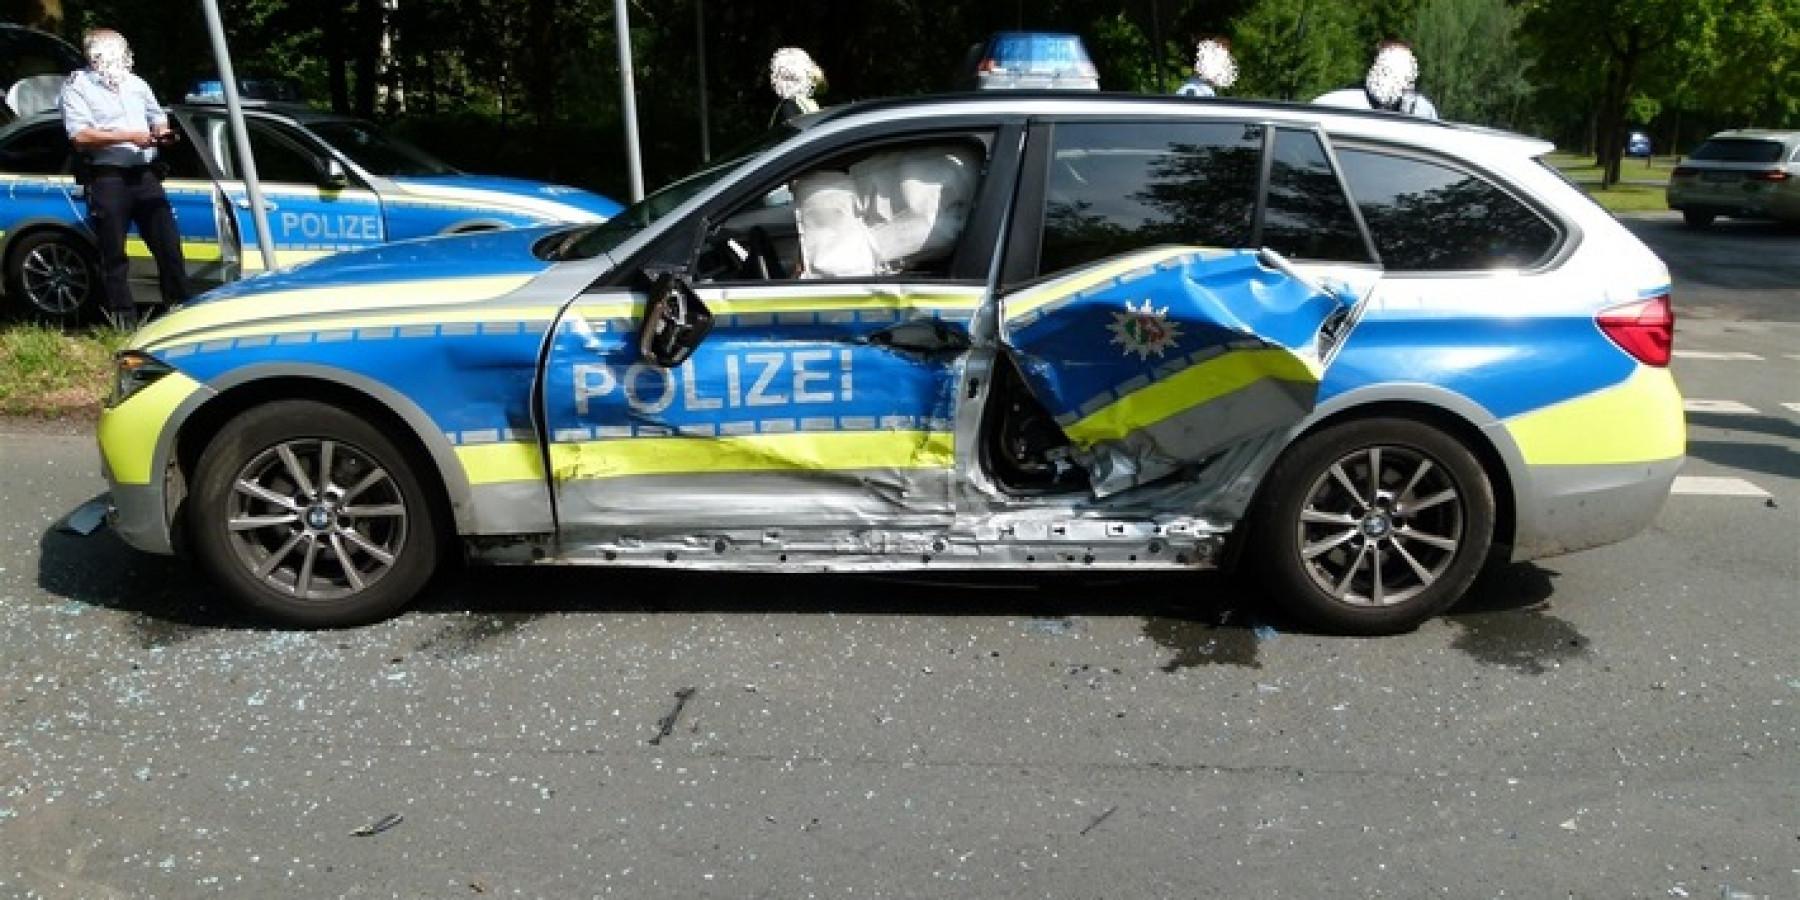 Polizei sucht Zeugen nach Unfall mit Streifenwagen